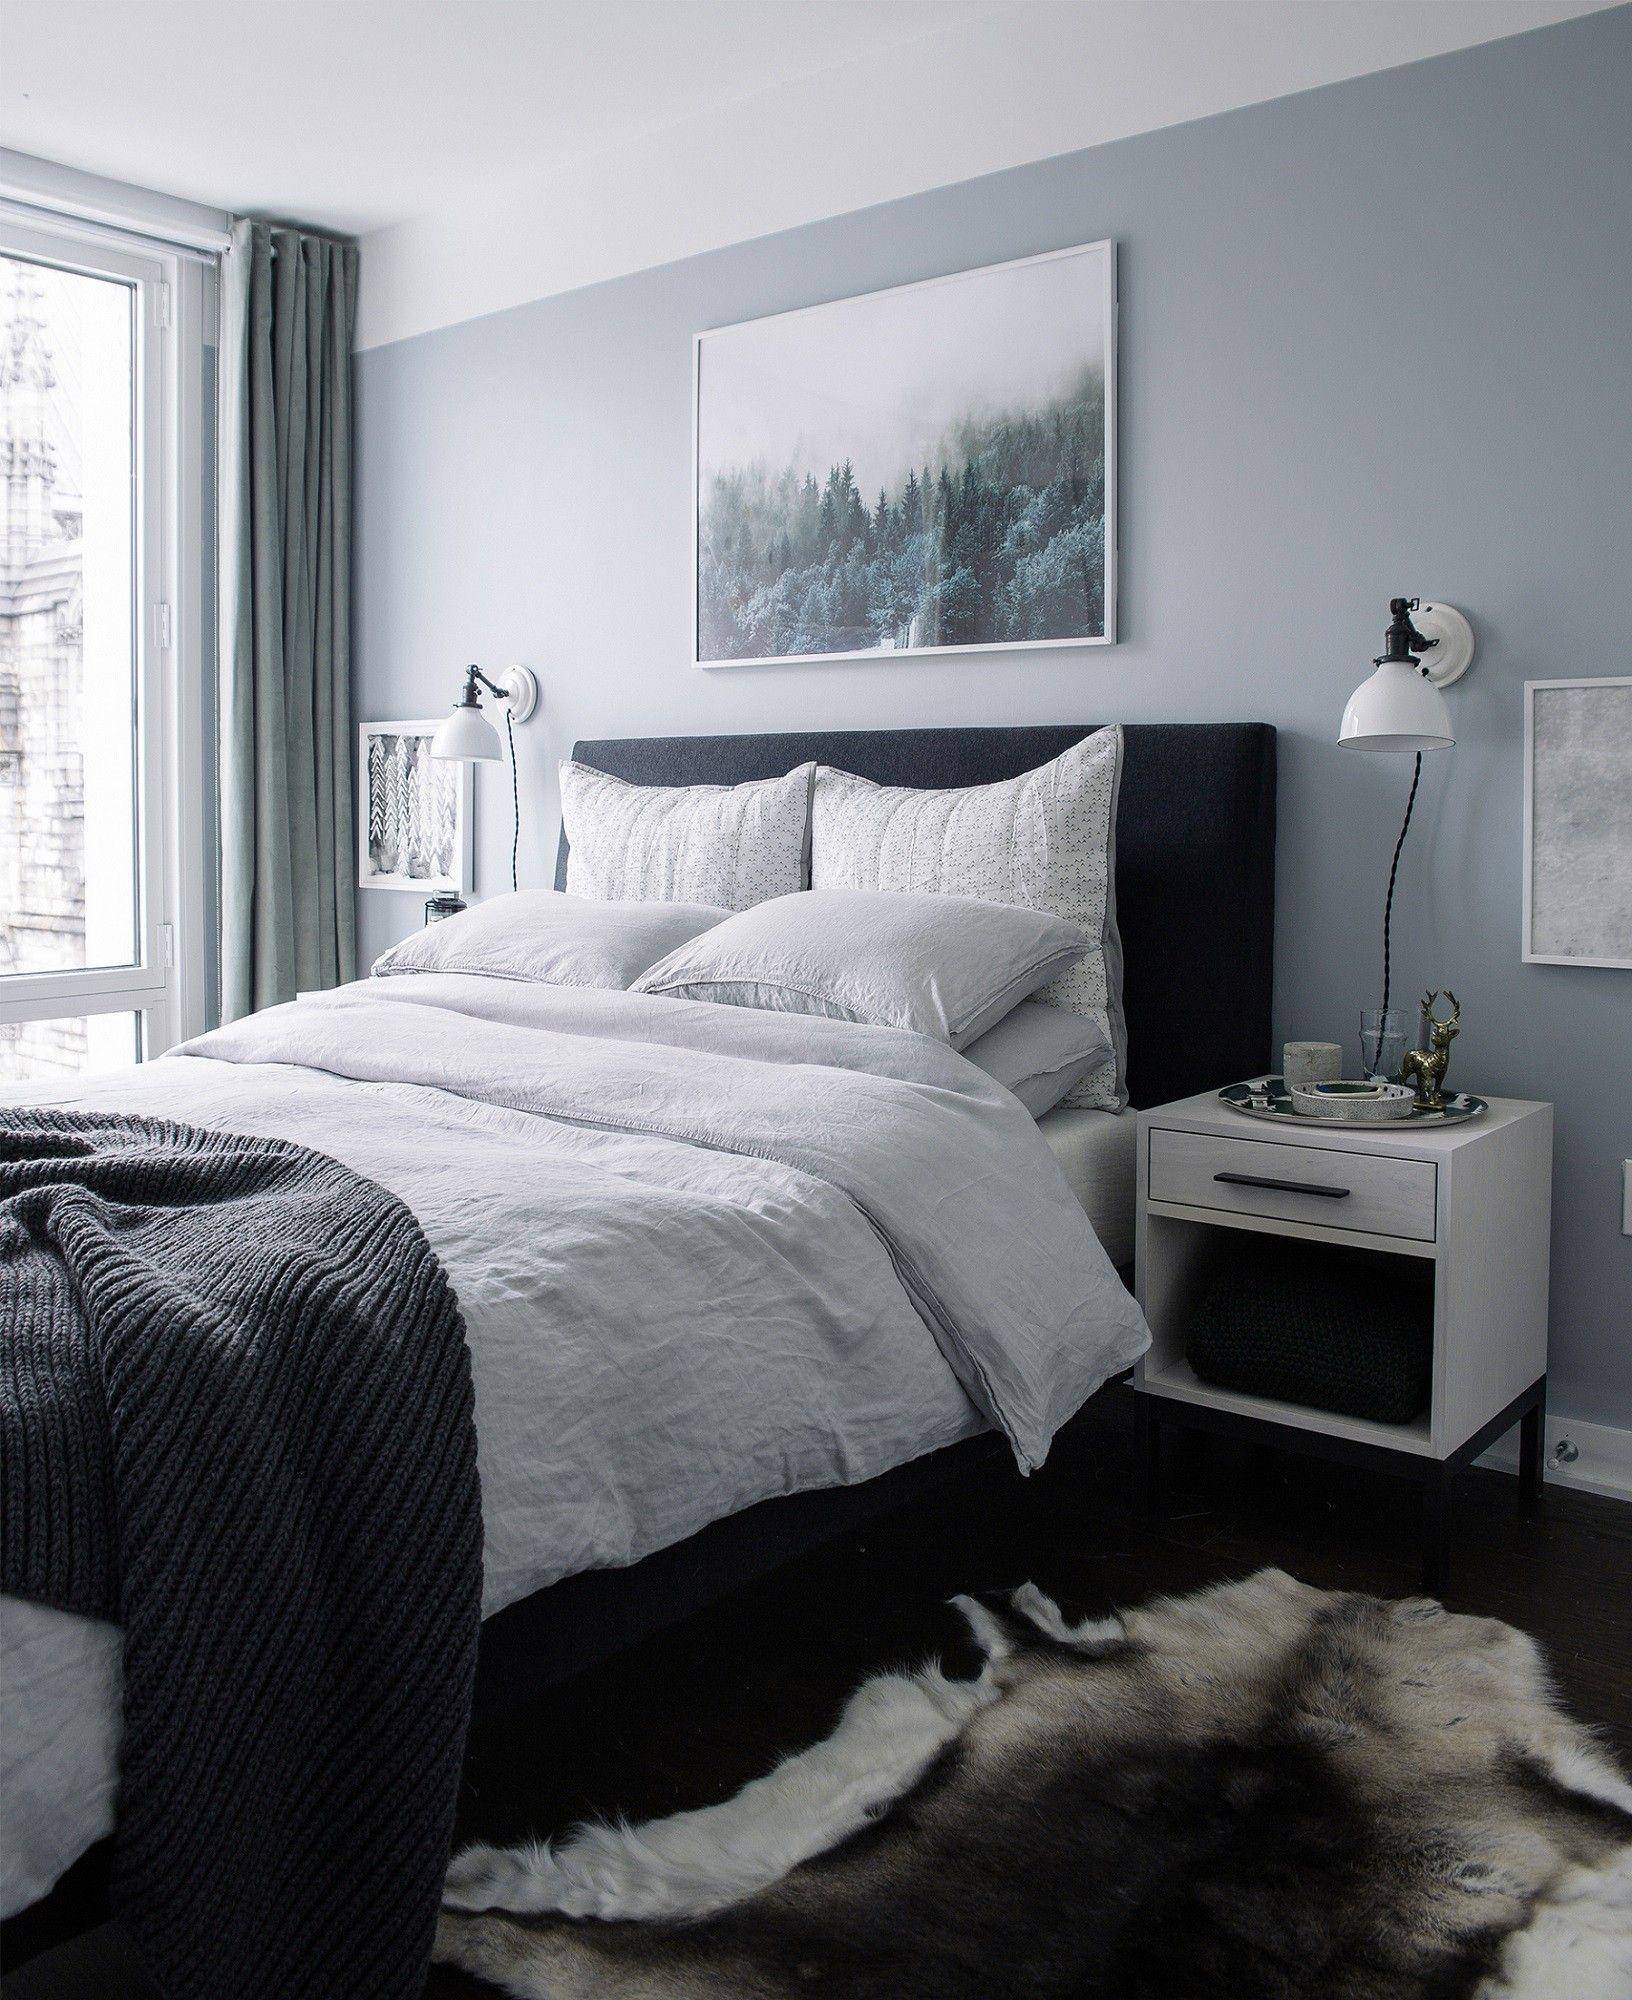 Tufting Kopfteil Grau Schlafzimmer Farbschema Ideen